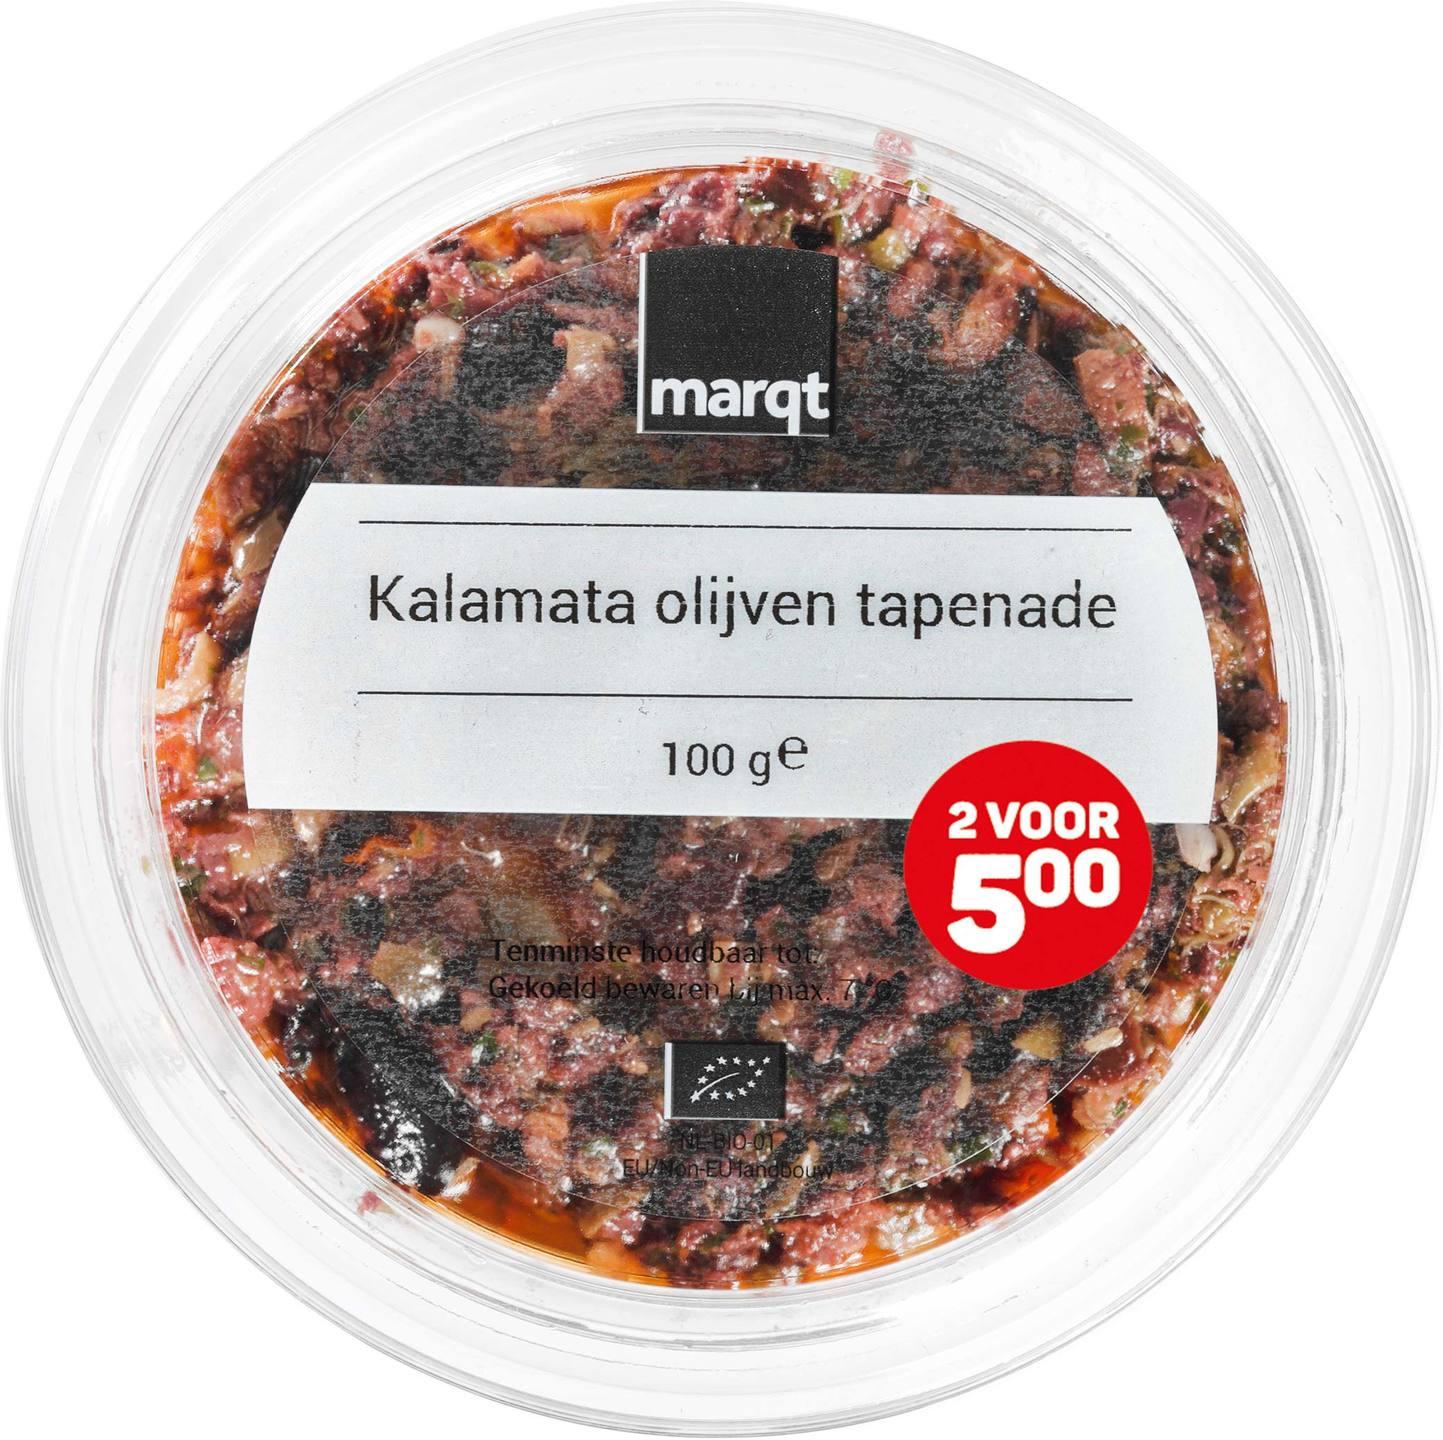 Biologische Marqt Kalamata olijventapenade 100 gr